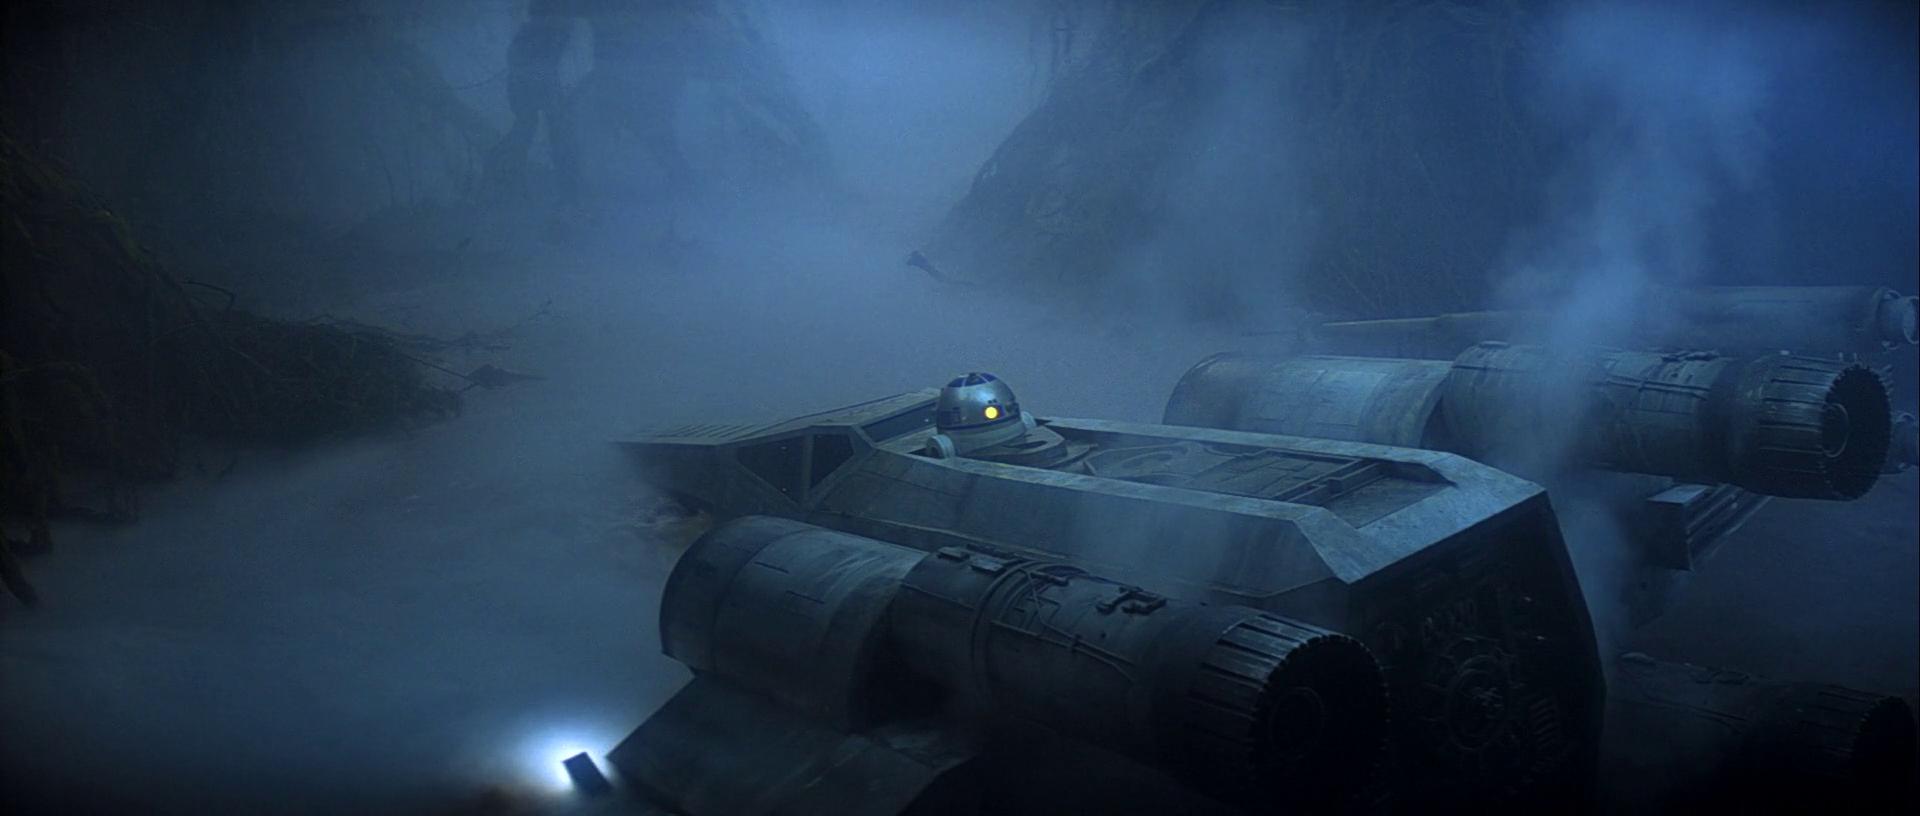 Texture de Star Wars - Dagobah